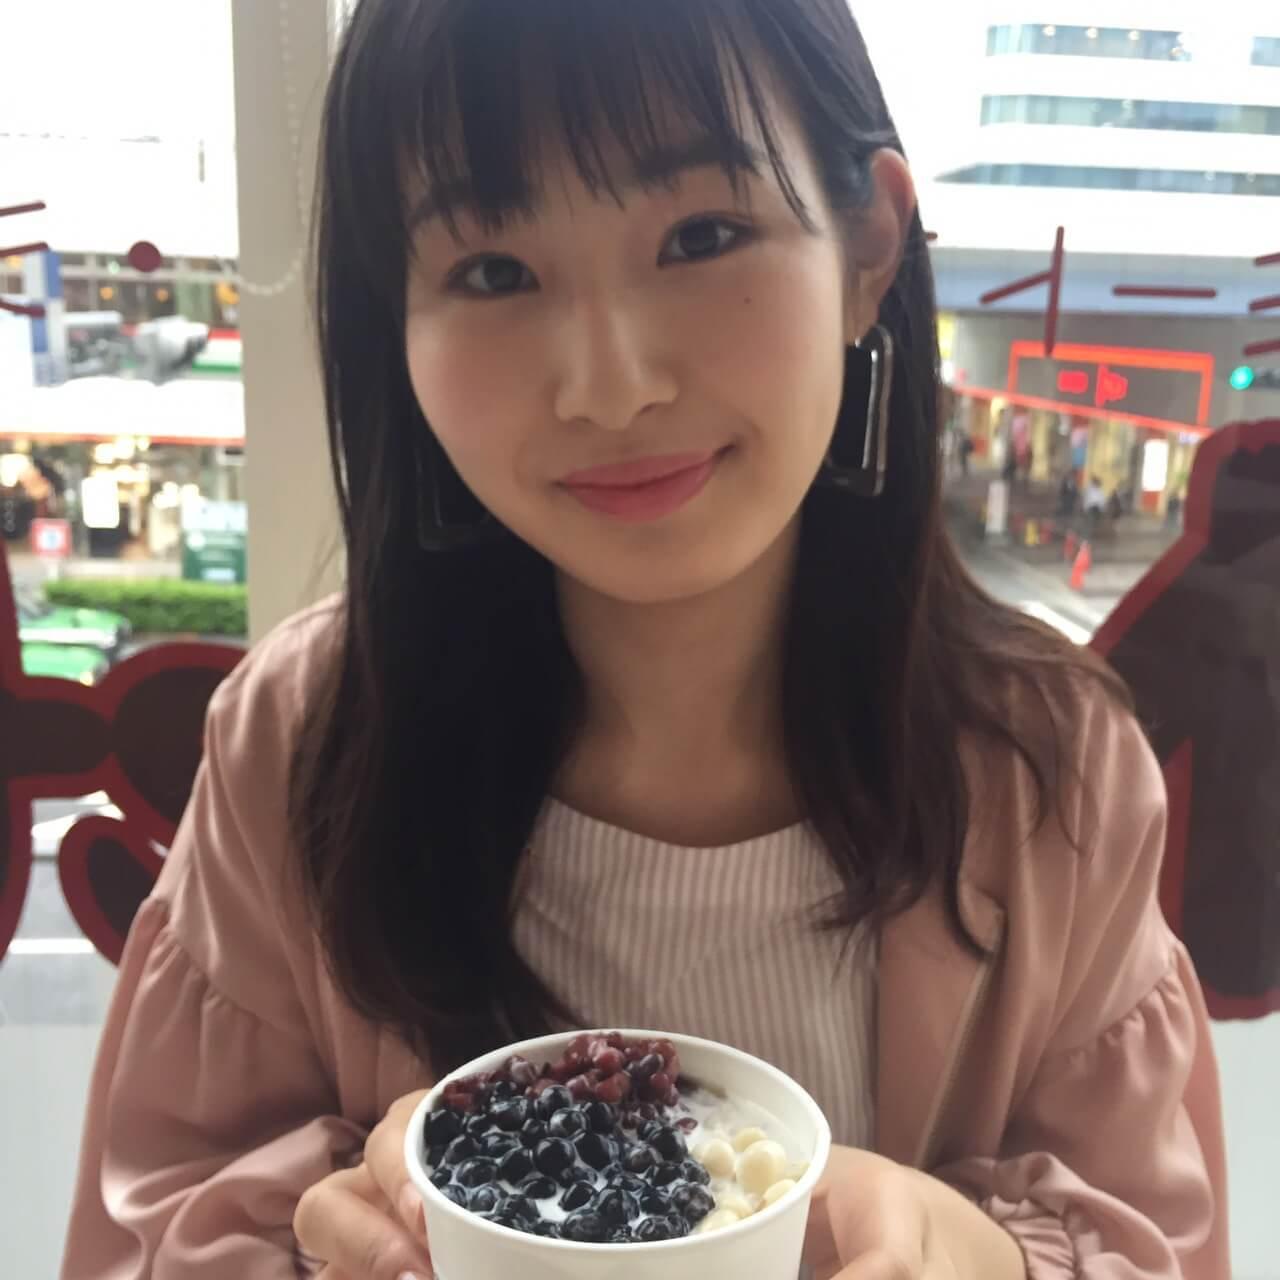 ヘルシーかつコスパ☺︎美味しすぎる台湾スイーツ♡_1_4